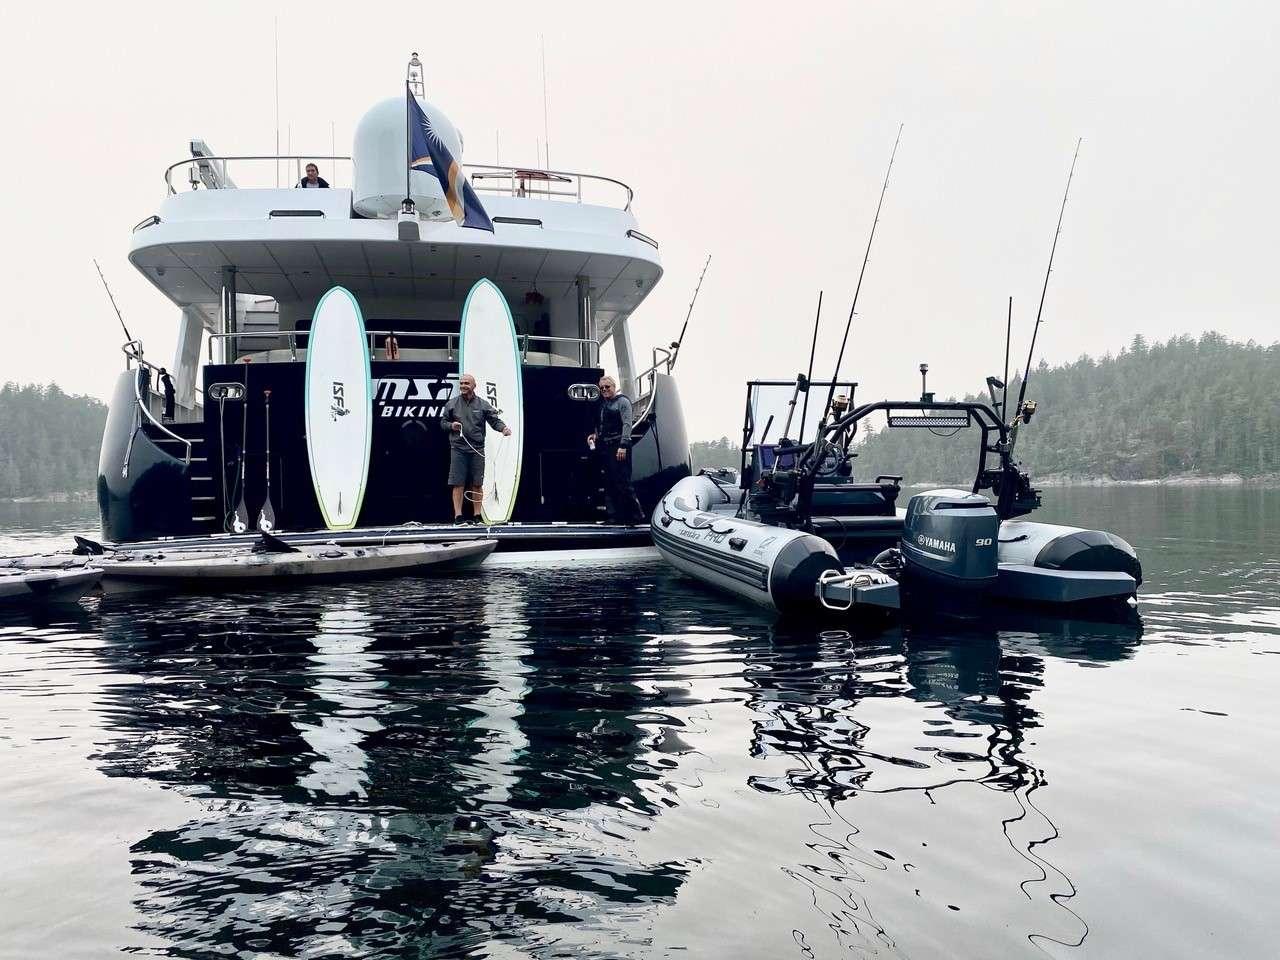 Image of Samsara yacht #12